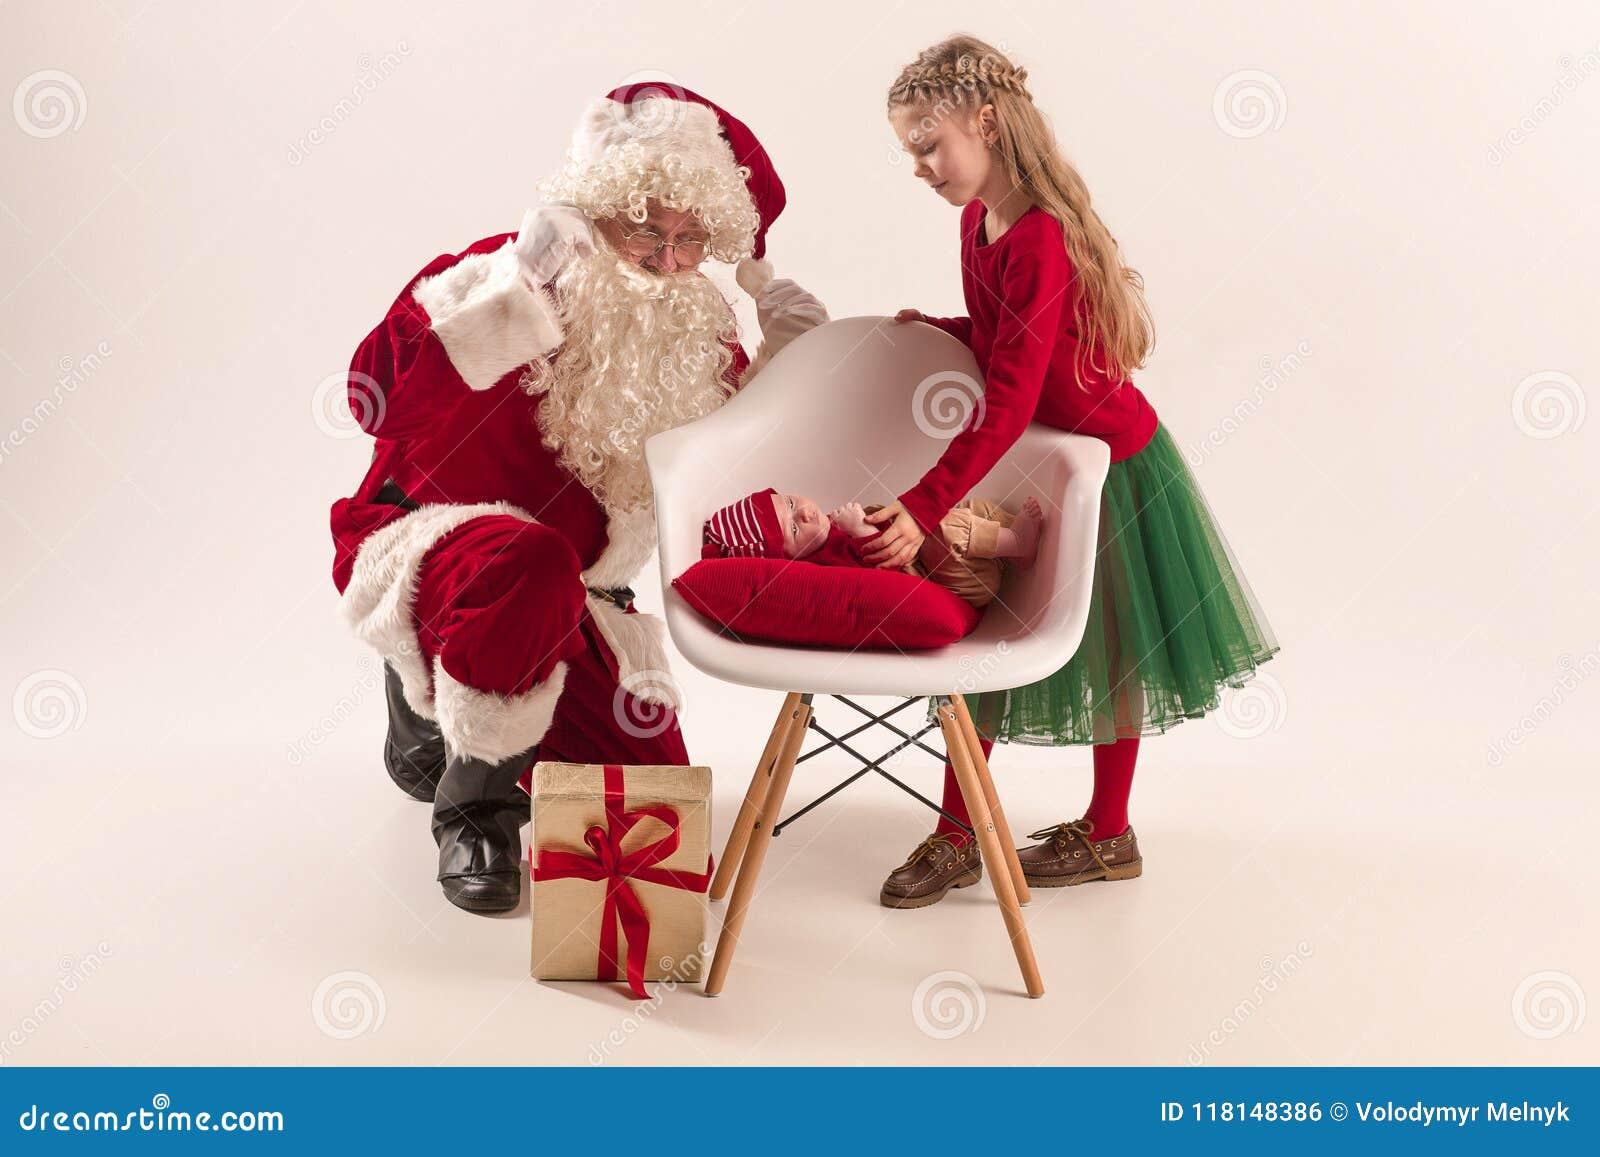 Das Weihnachtsporträt des netten kleinen neugeborenen Babys, gekleidet im Weihnachten kleidet, Atelieraufnahme, Winterzeit